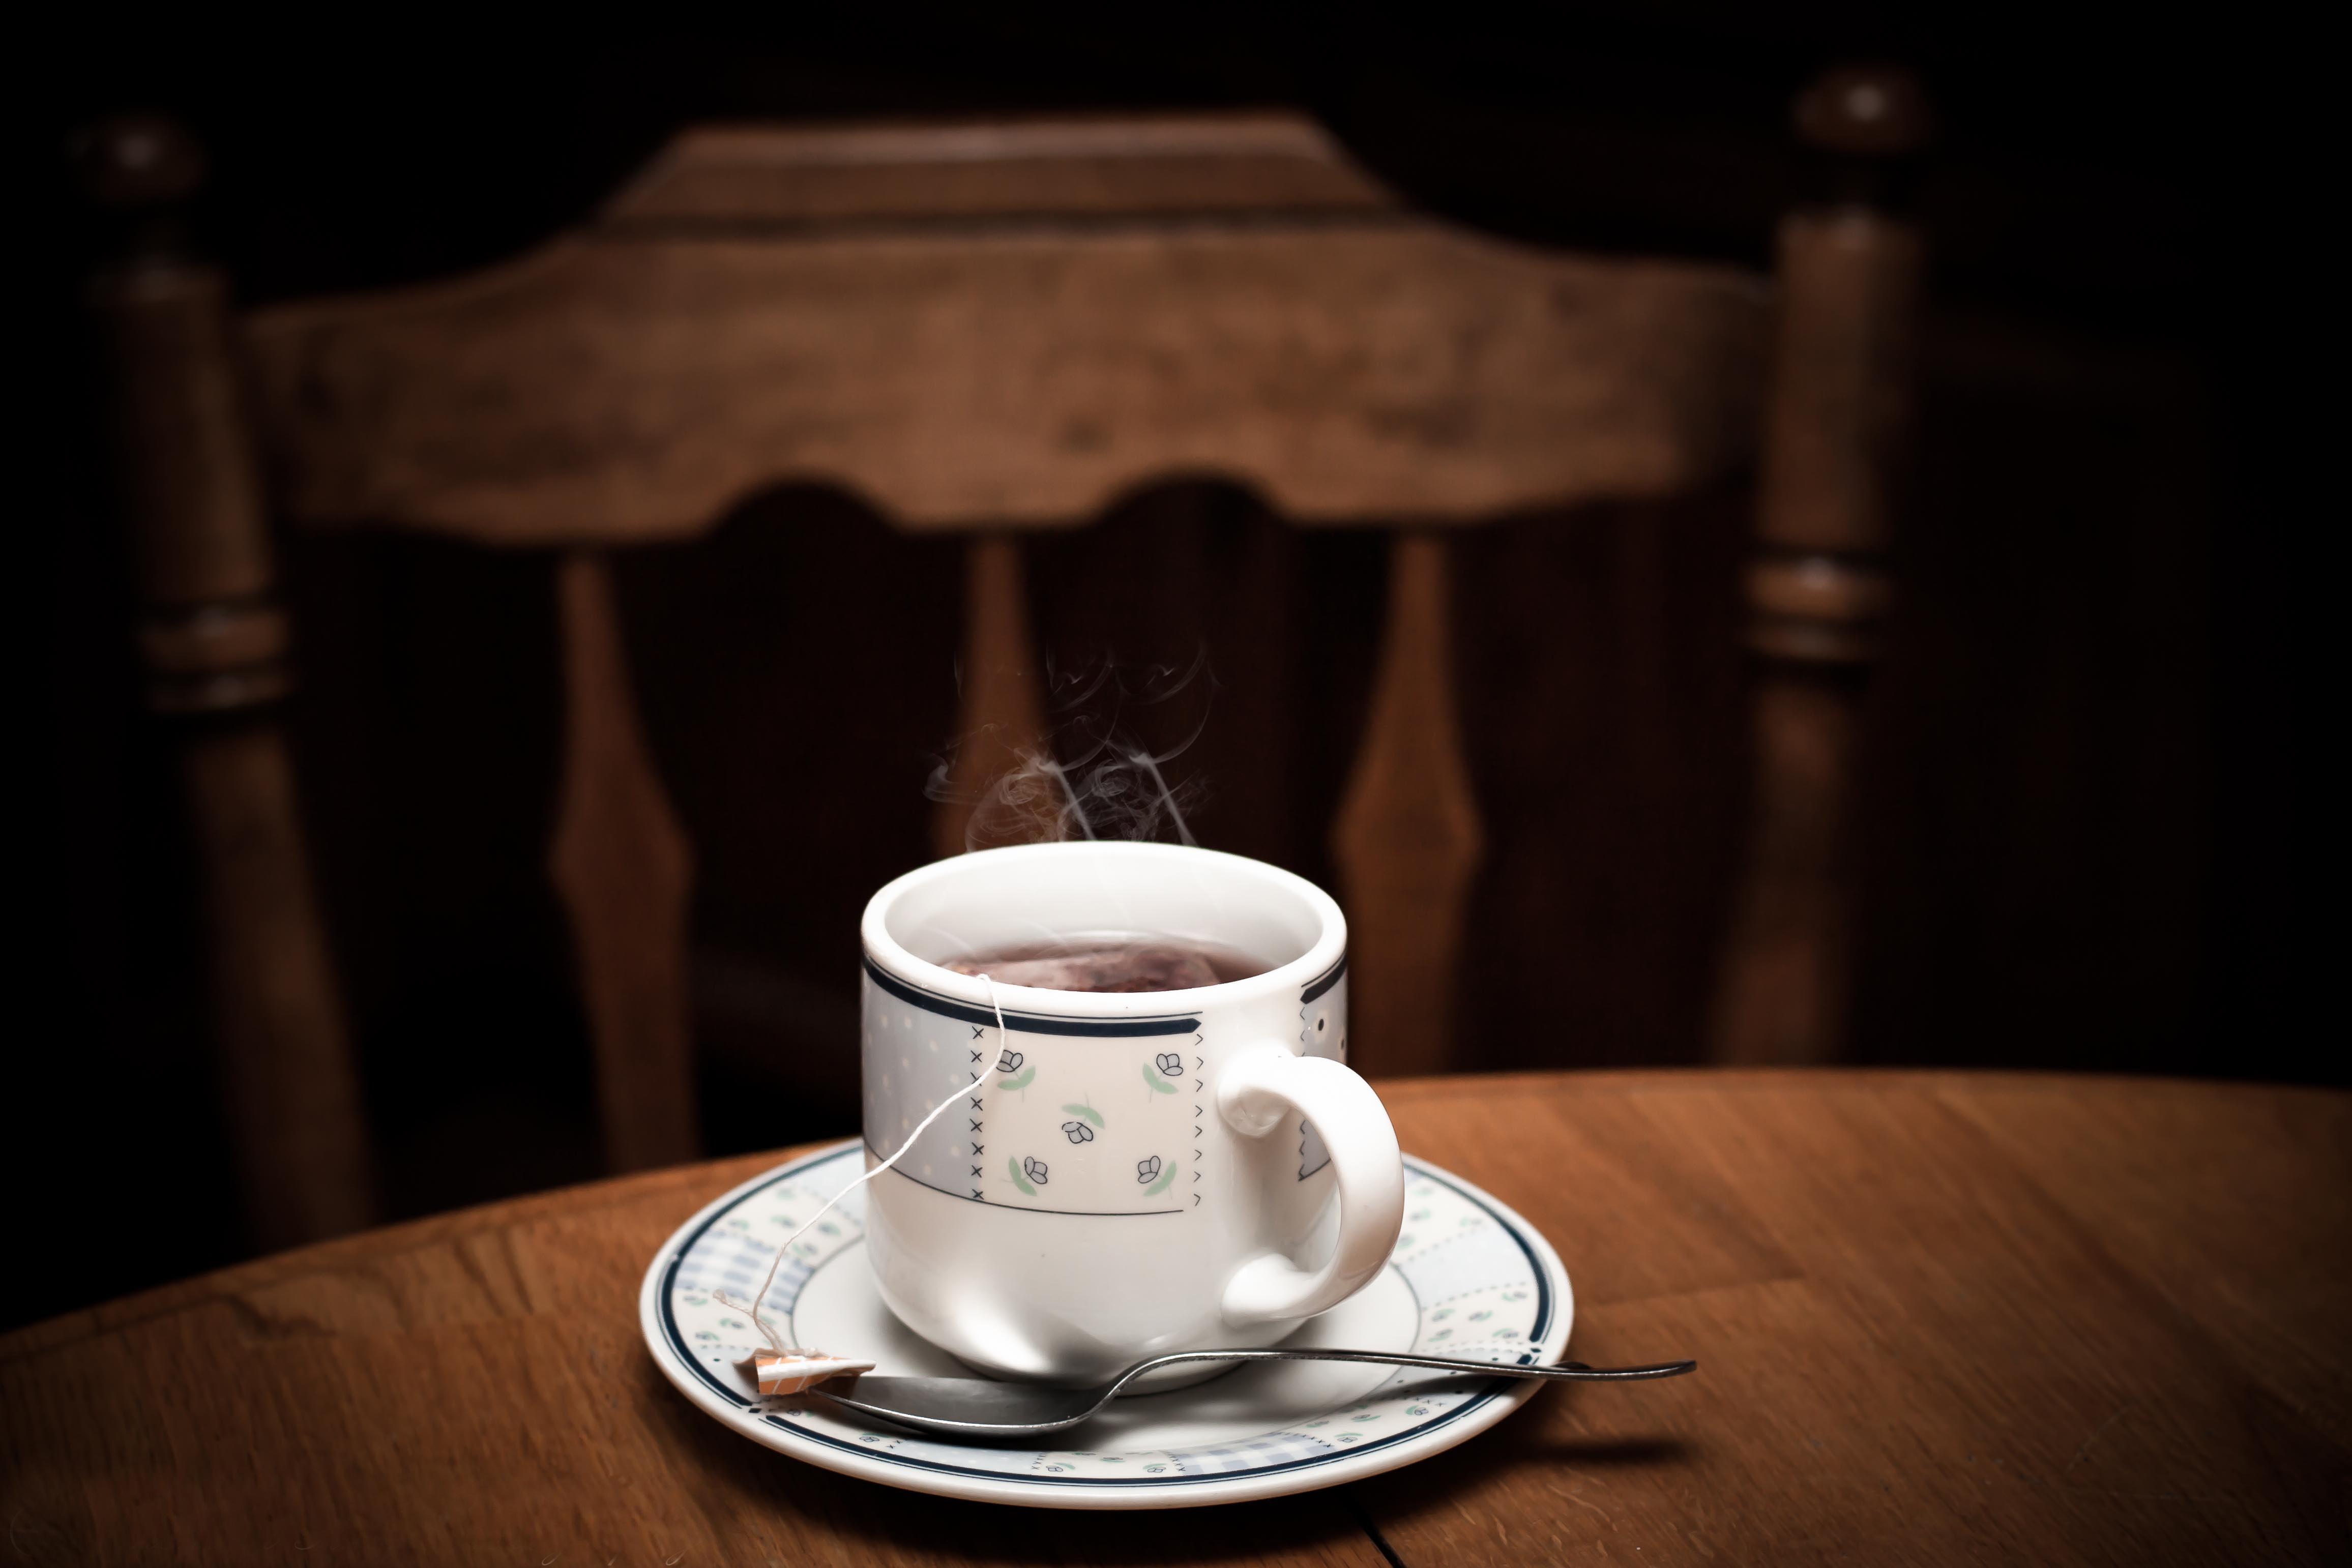 81922 Hintergrundbild herunterladen Lebensmittel, Getränke, Eine Tasse, Tasse, Tisch, Tabelle, Trinken, Tee, Dampf - Bildschirmschoner und Bilder kostenlos